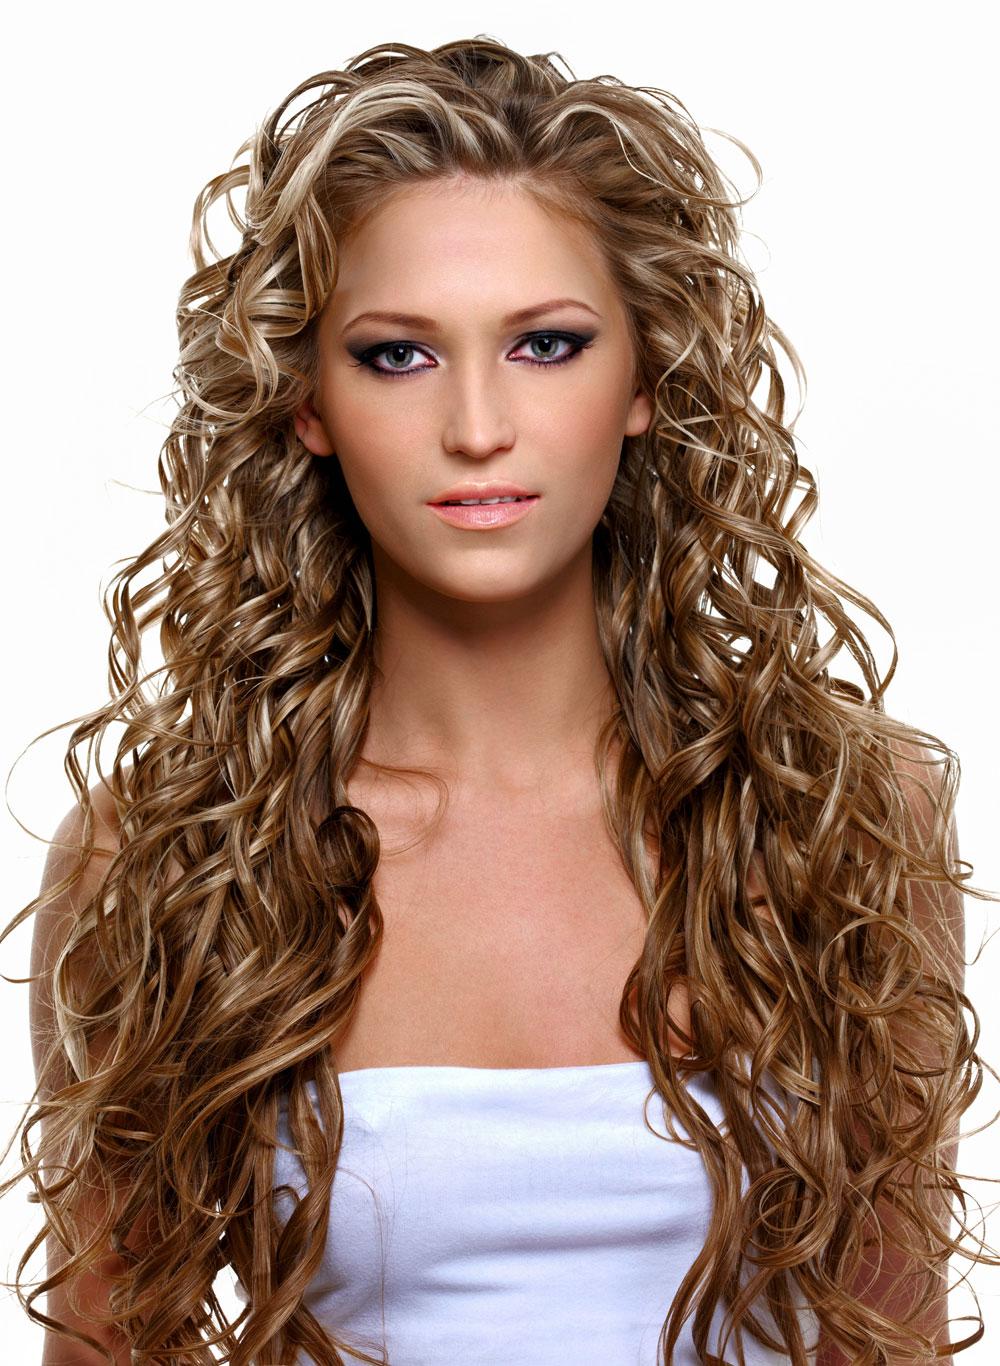 Sehr lange Haare mit wilden Locken und Strähnchen | Schöne ...